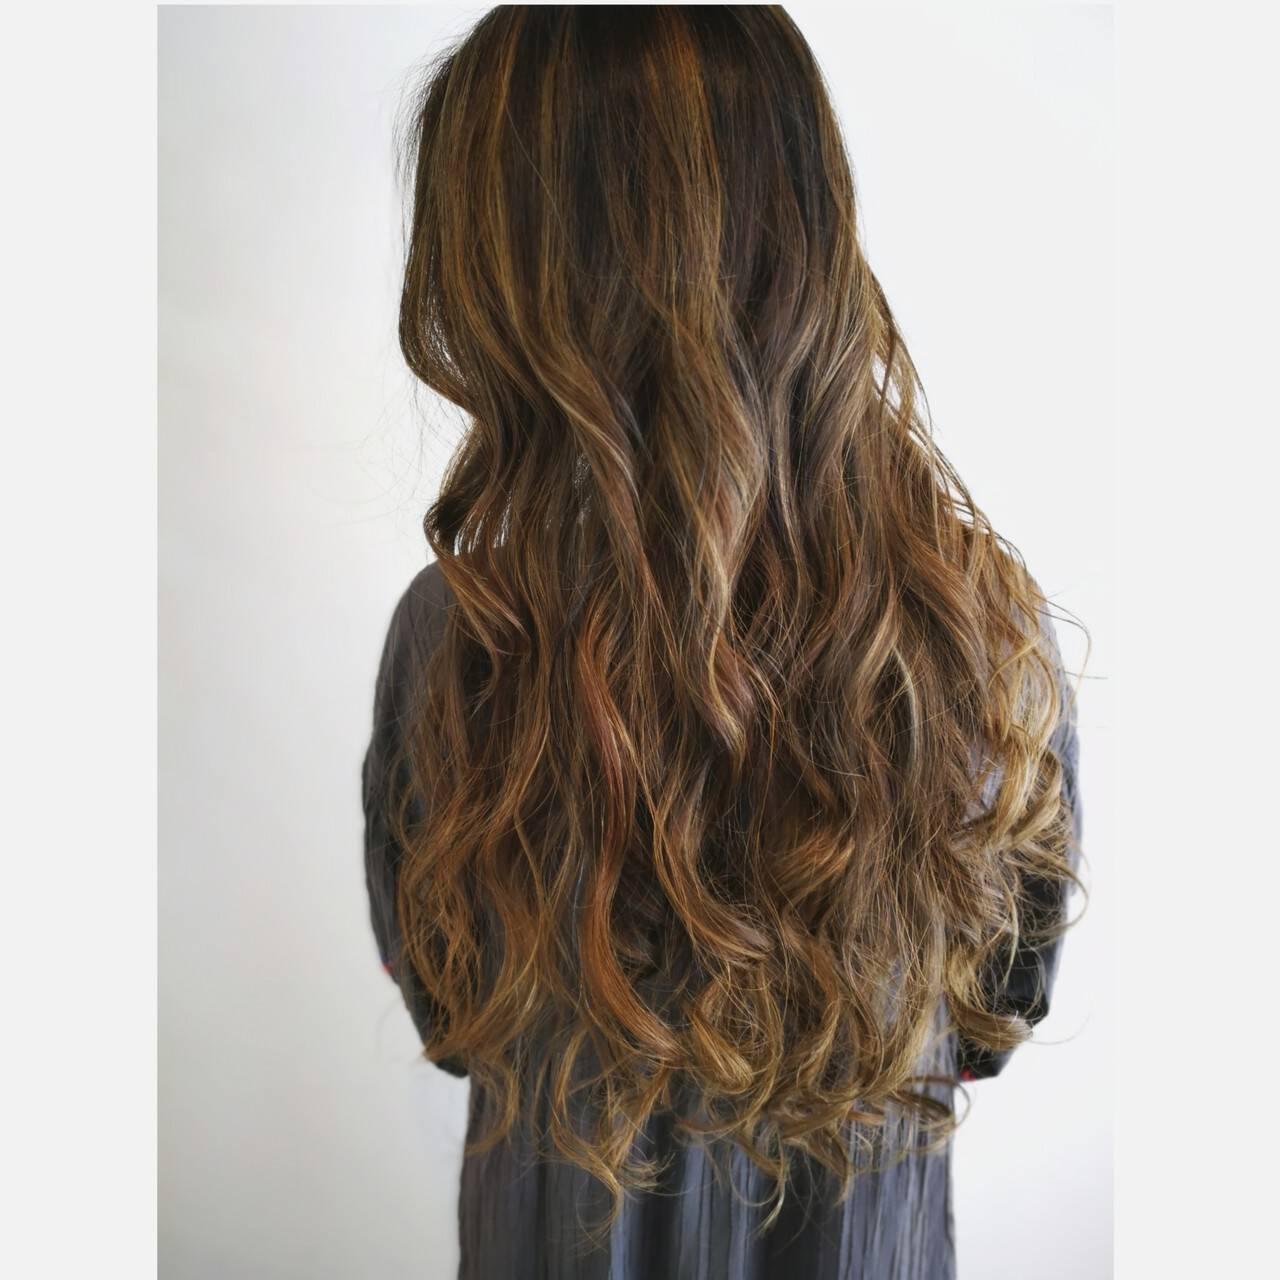 ロング ヘアカラー スモーキーカラー コンサバヘアスタイルや髪型の写真・画像